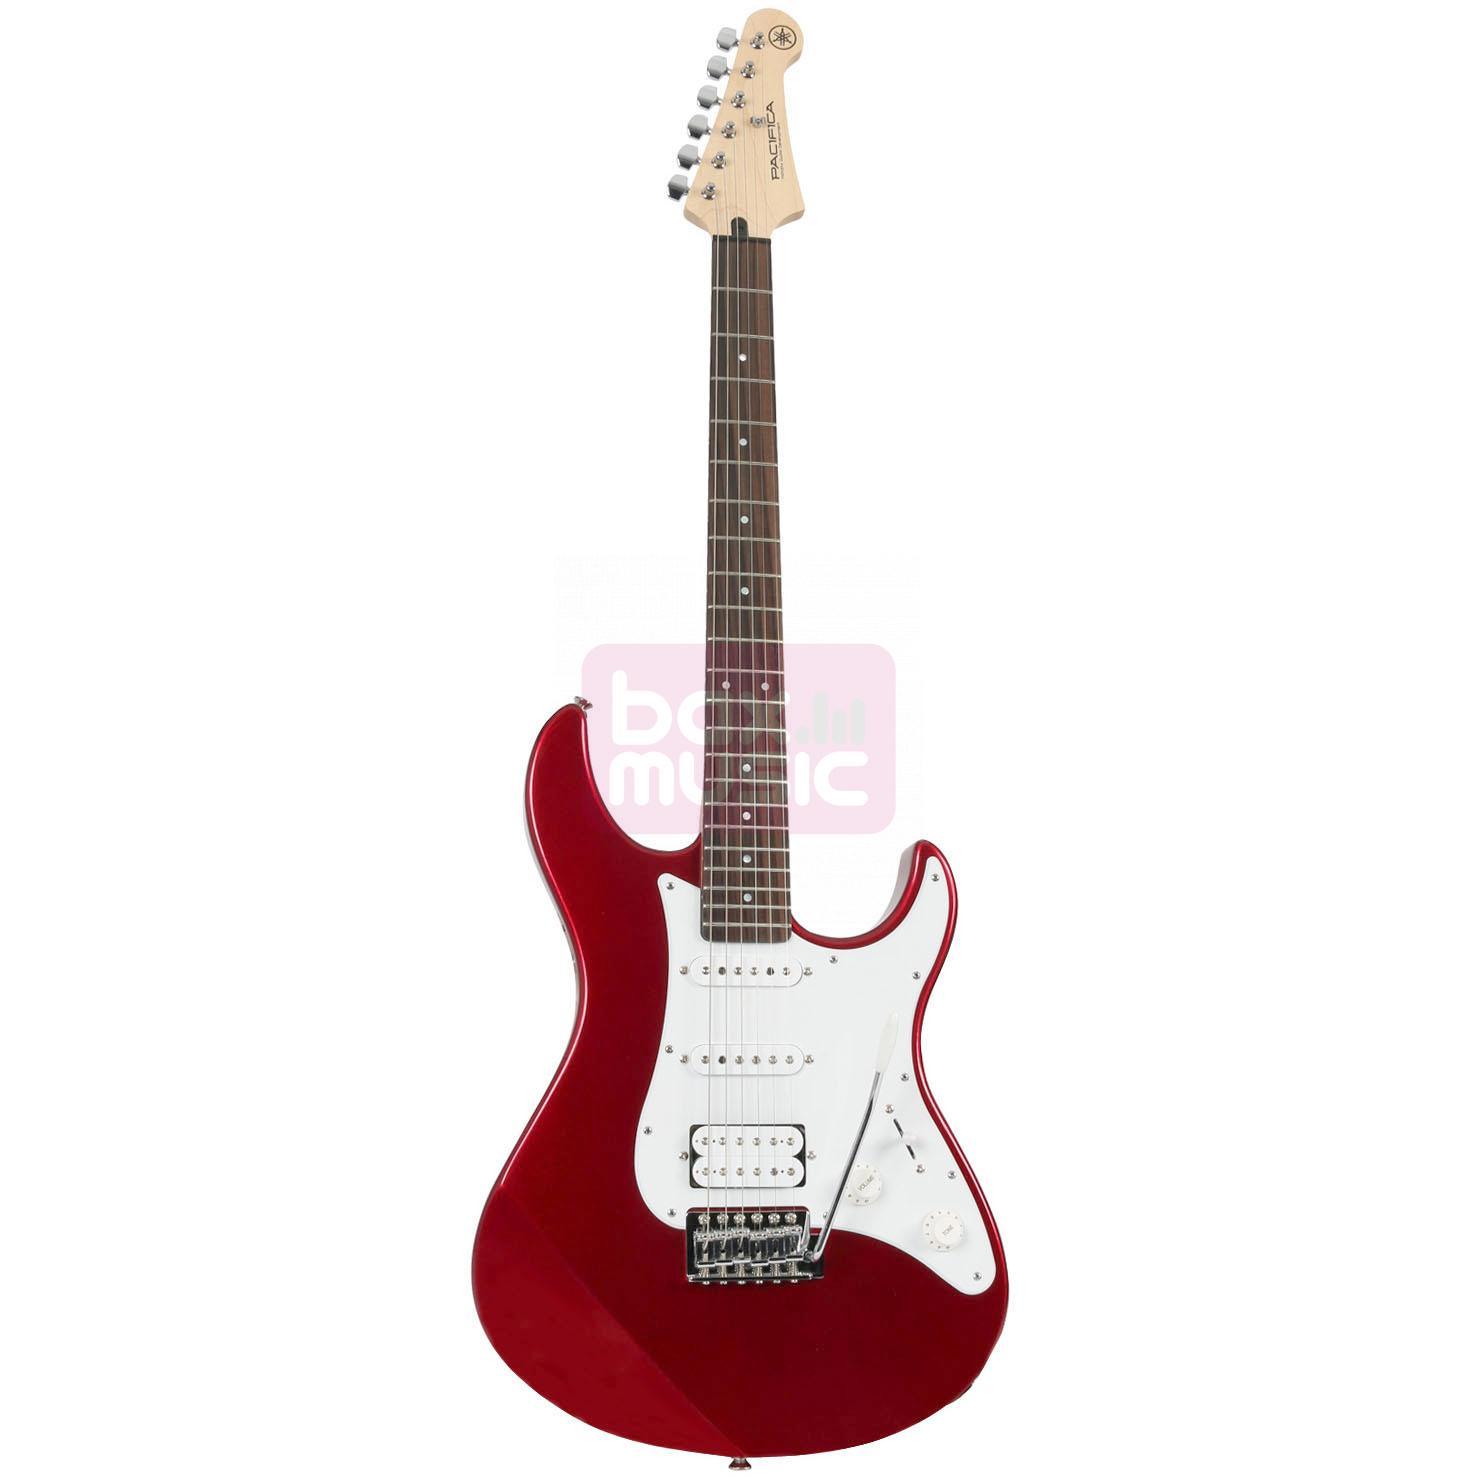 Yamaha Pacifica 012RM elektrische gitaar Red Metallic